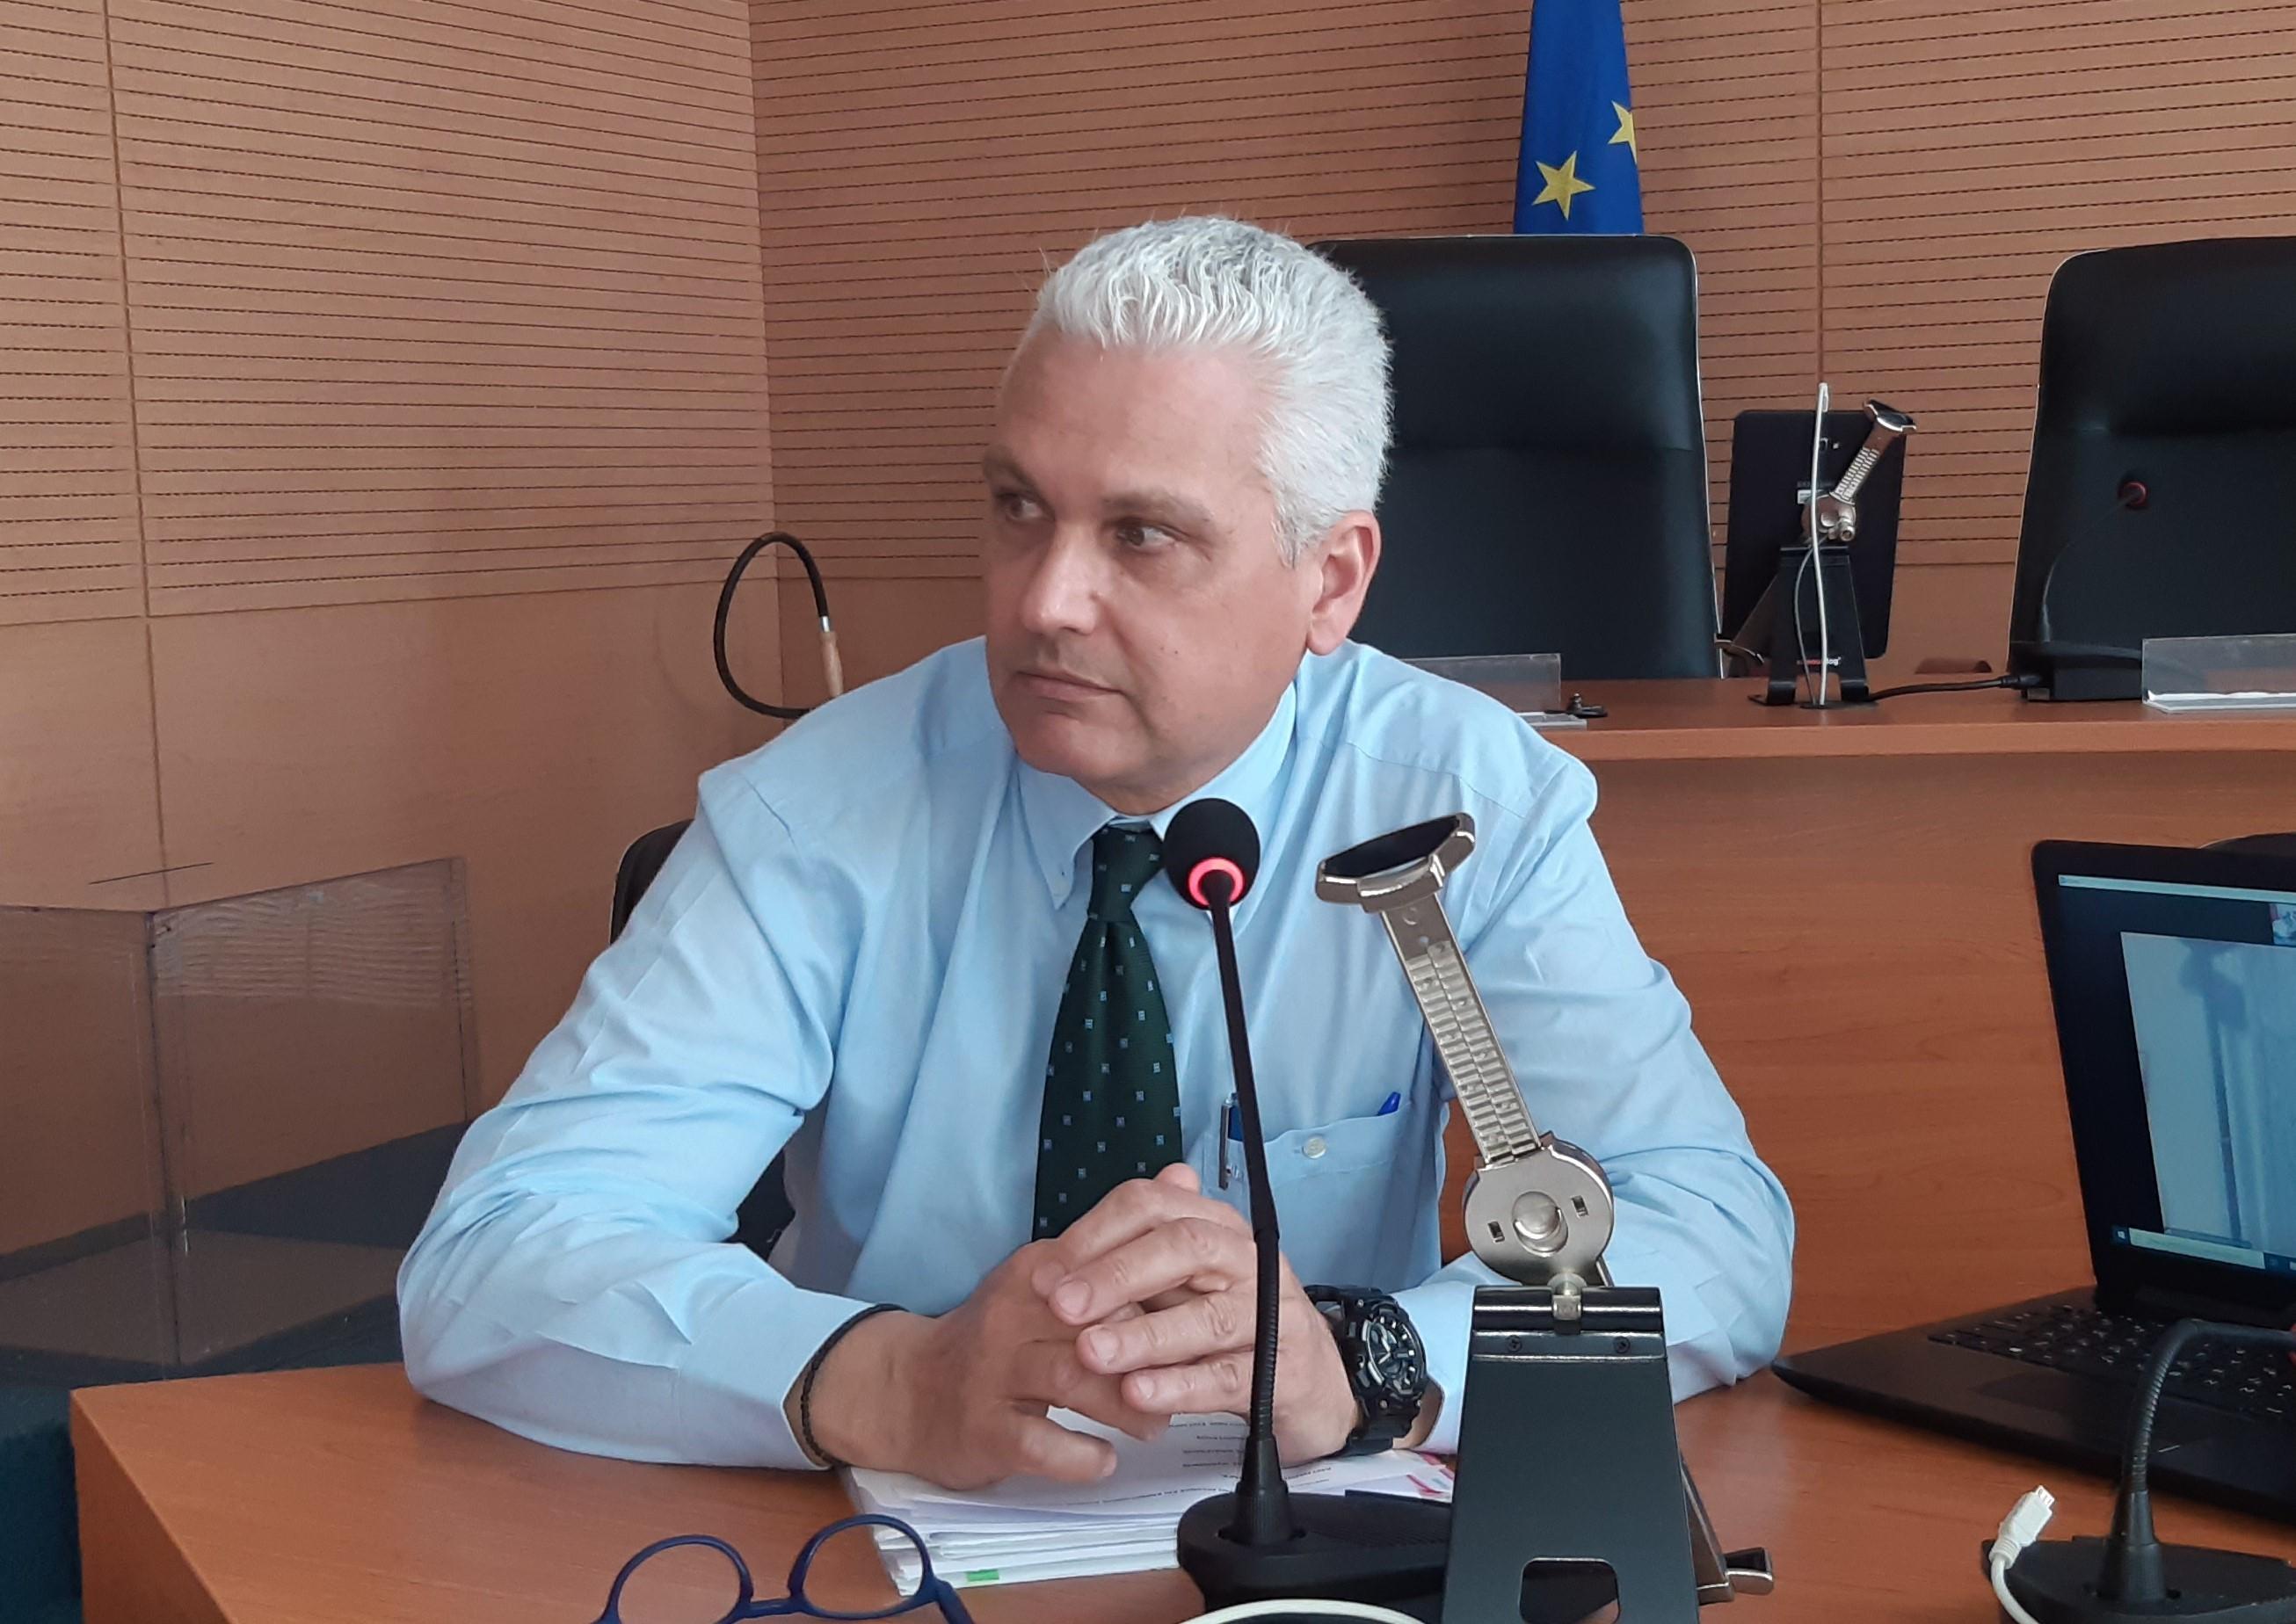 ΠΔΕ: Το νέο Προεδρείο του Περιφερειακού Συμβουλίου Έρευνας και Καινοτομίας Δυτικής Ελλάδας